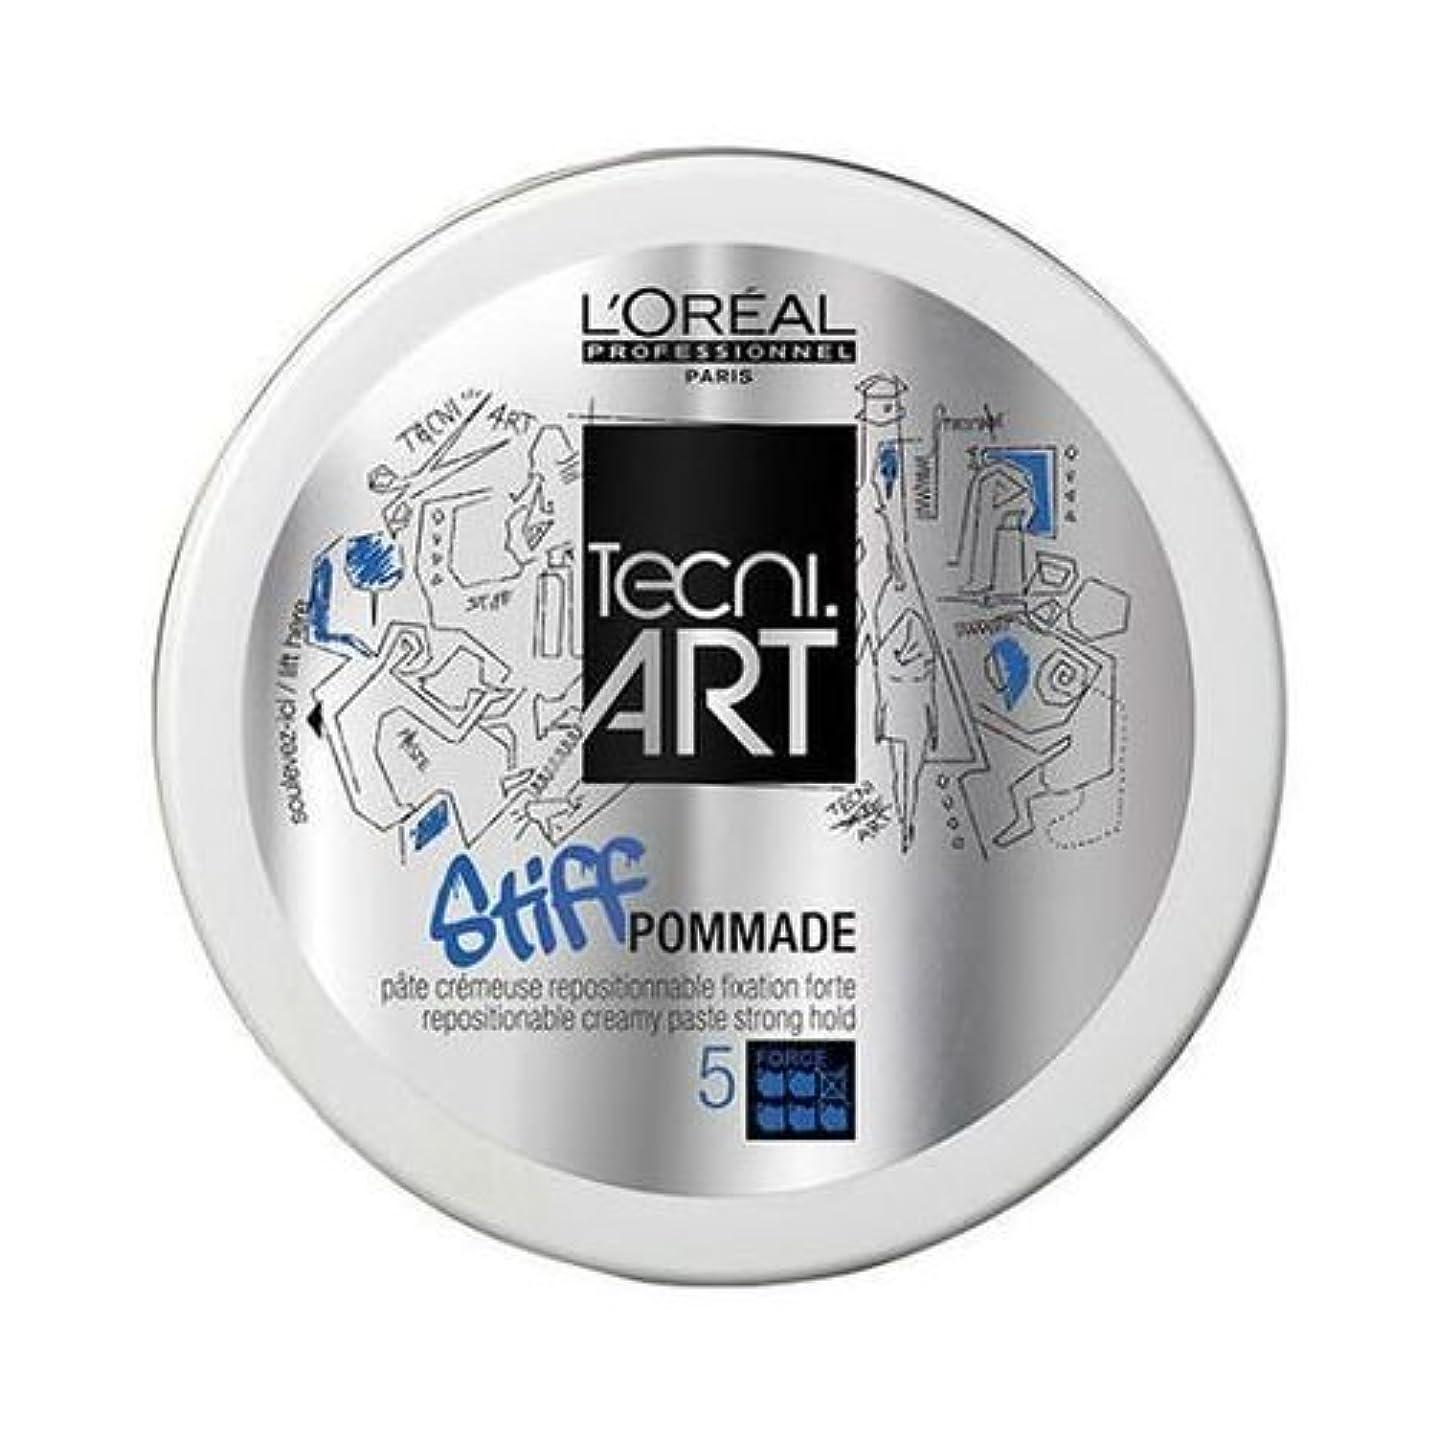 L'Oreal Tecni Art Stiff Pommade 75 ml [並行輸入品]